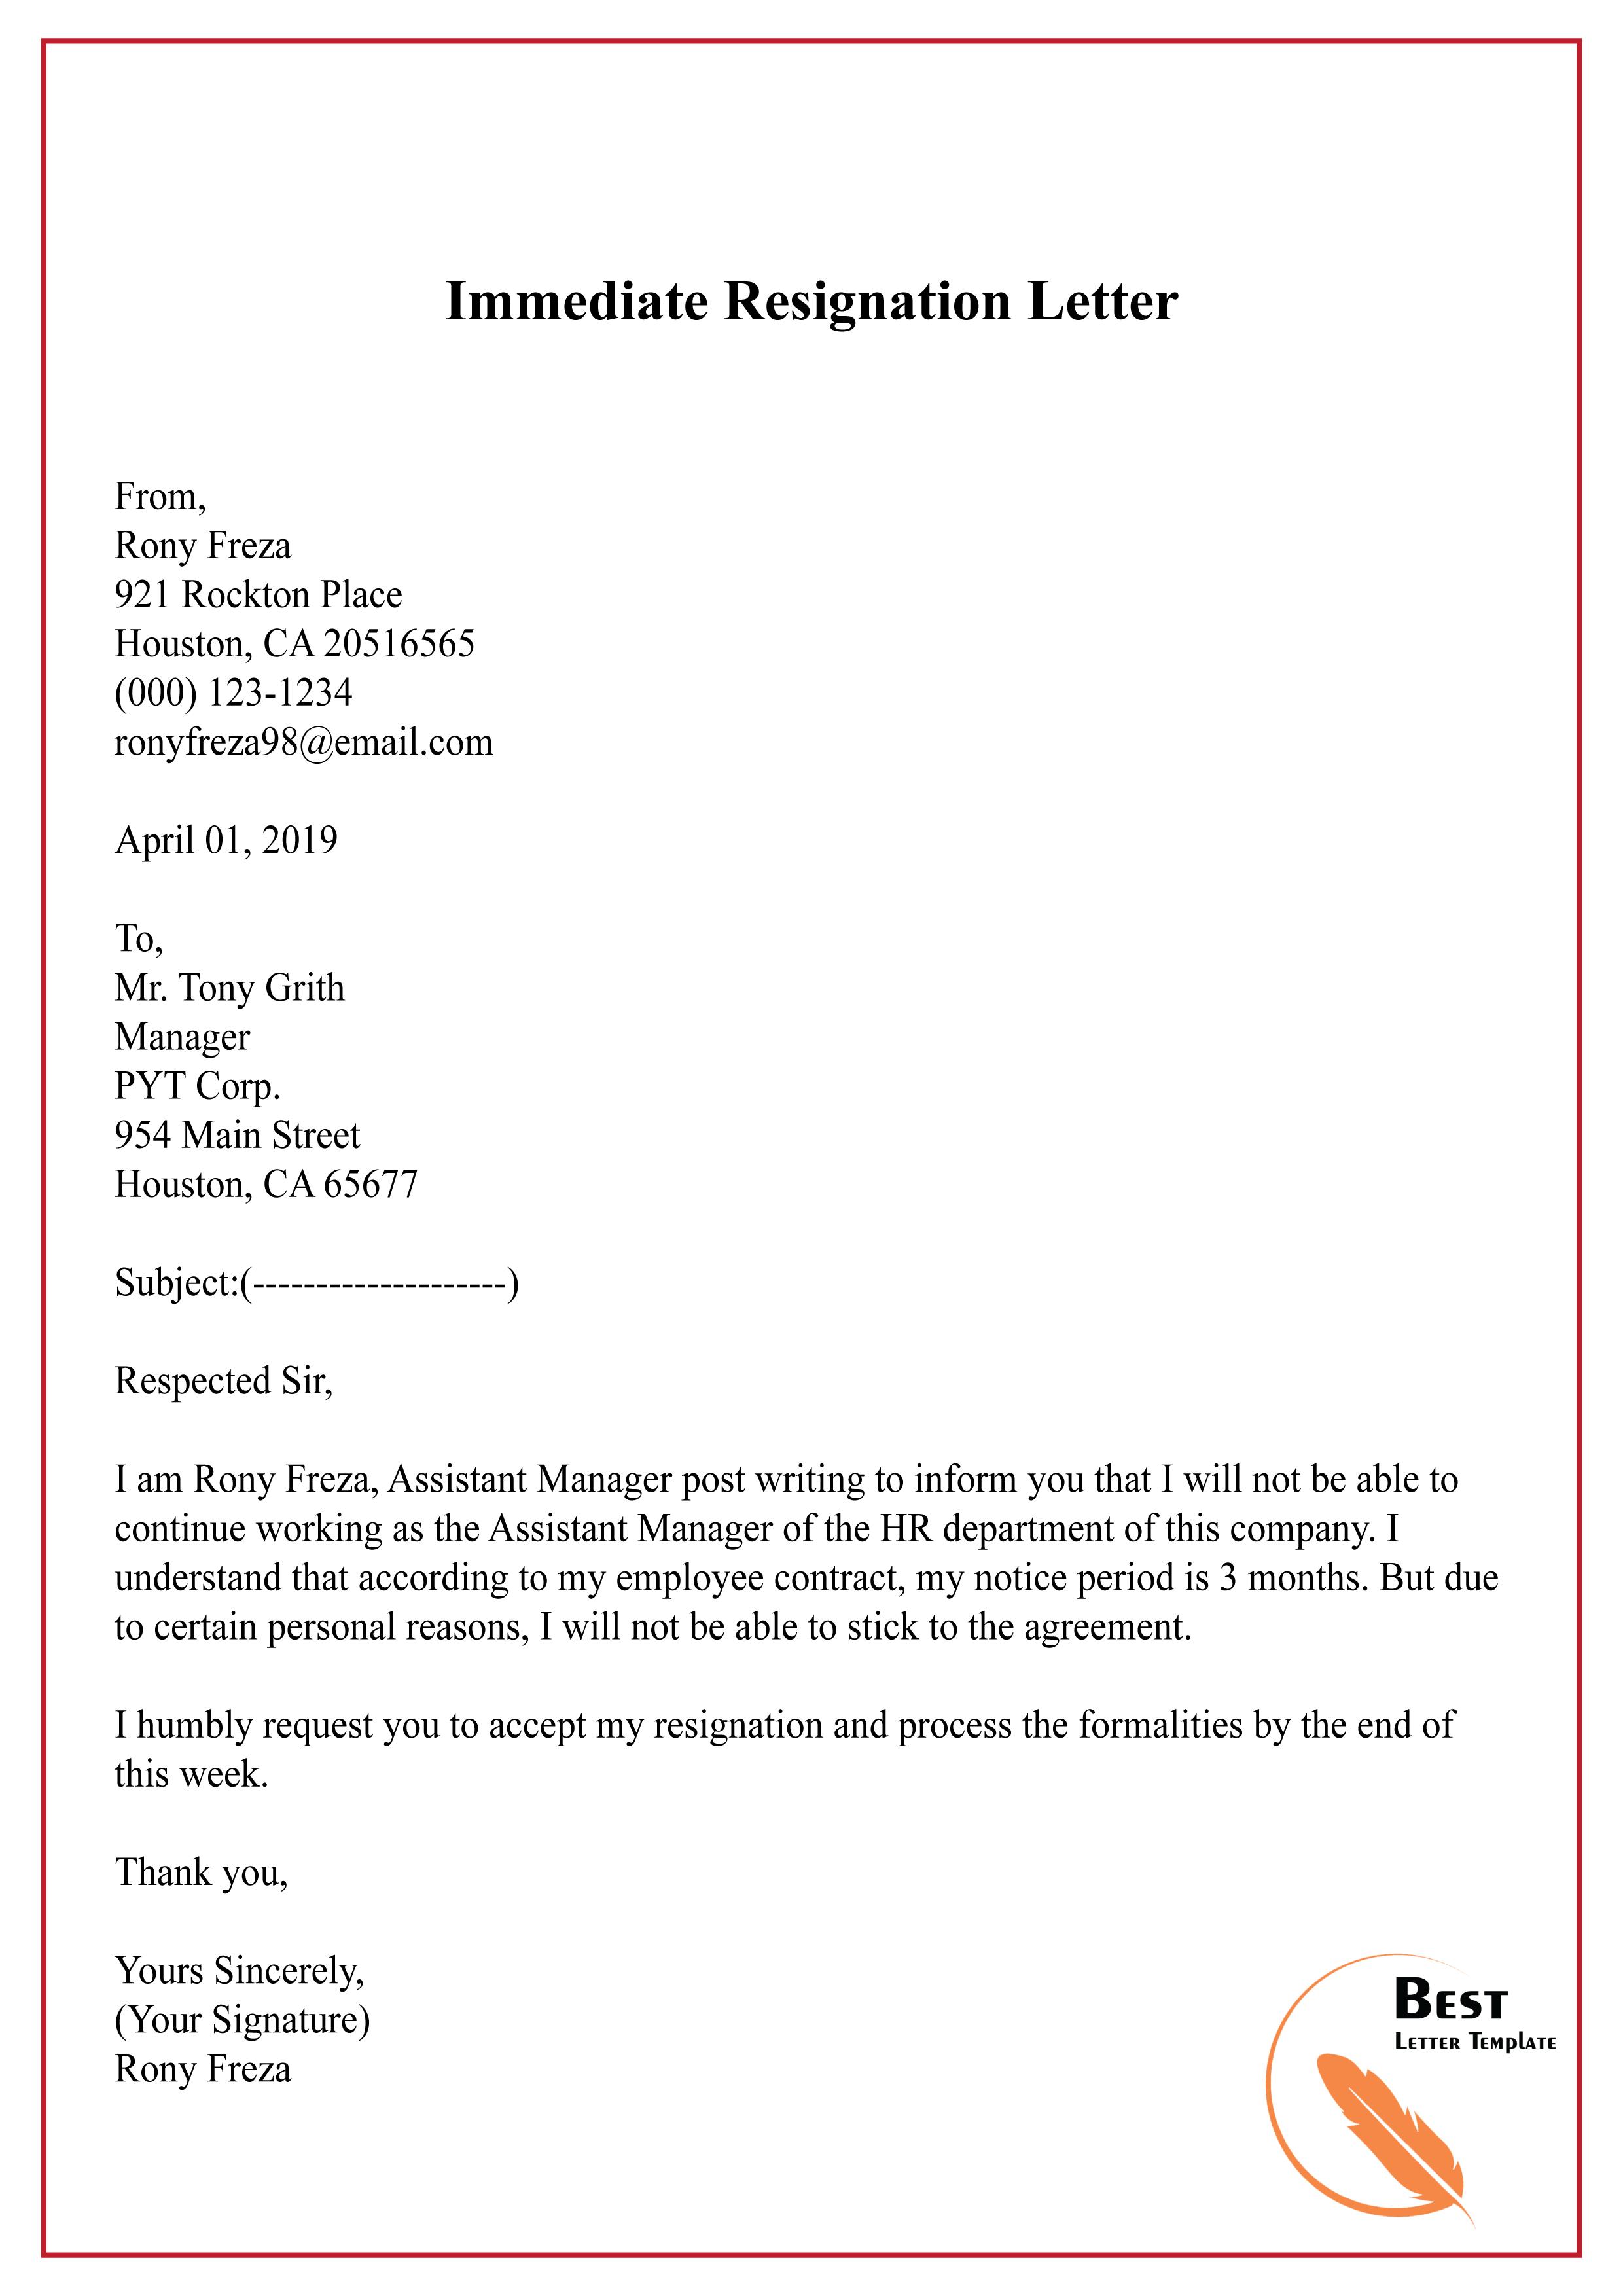 Immediate Resignation Letter-01 | Best Letter Template